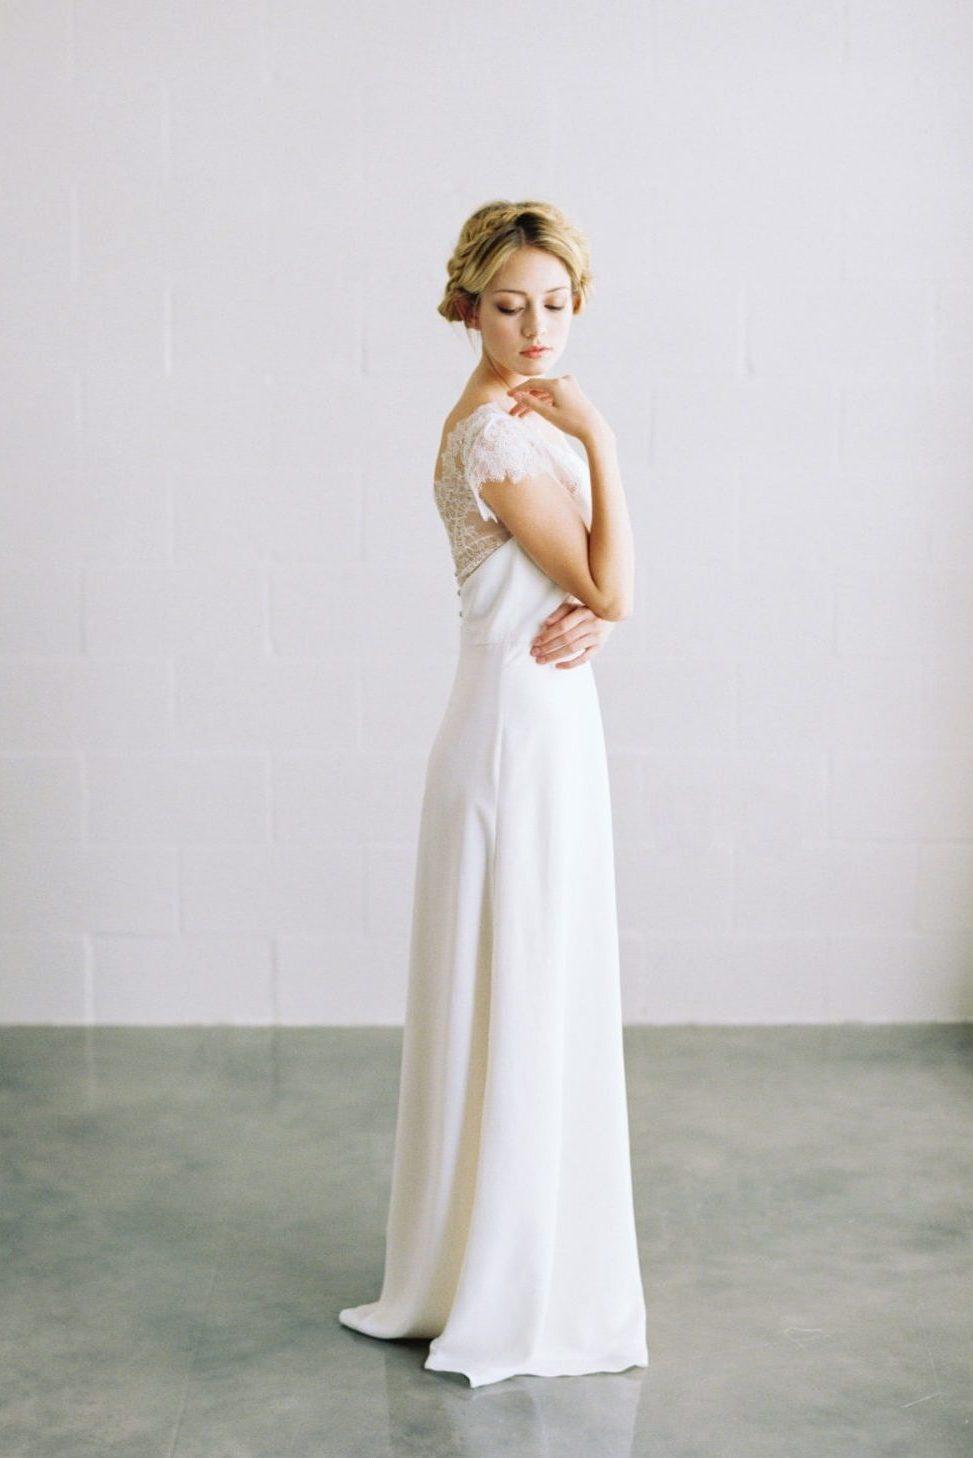 Ella\' Wedding Dress - Chic Vintage Brides : Chic Vintage Brides